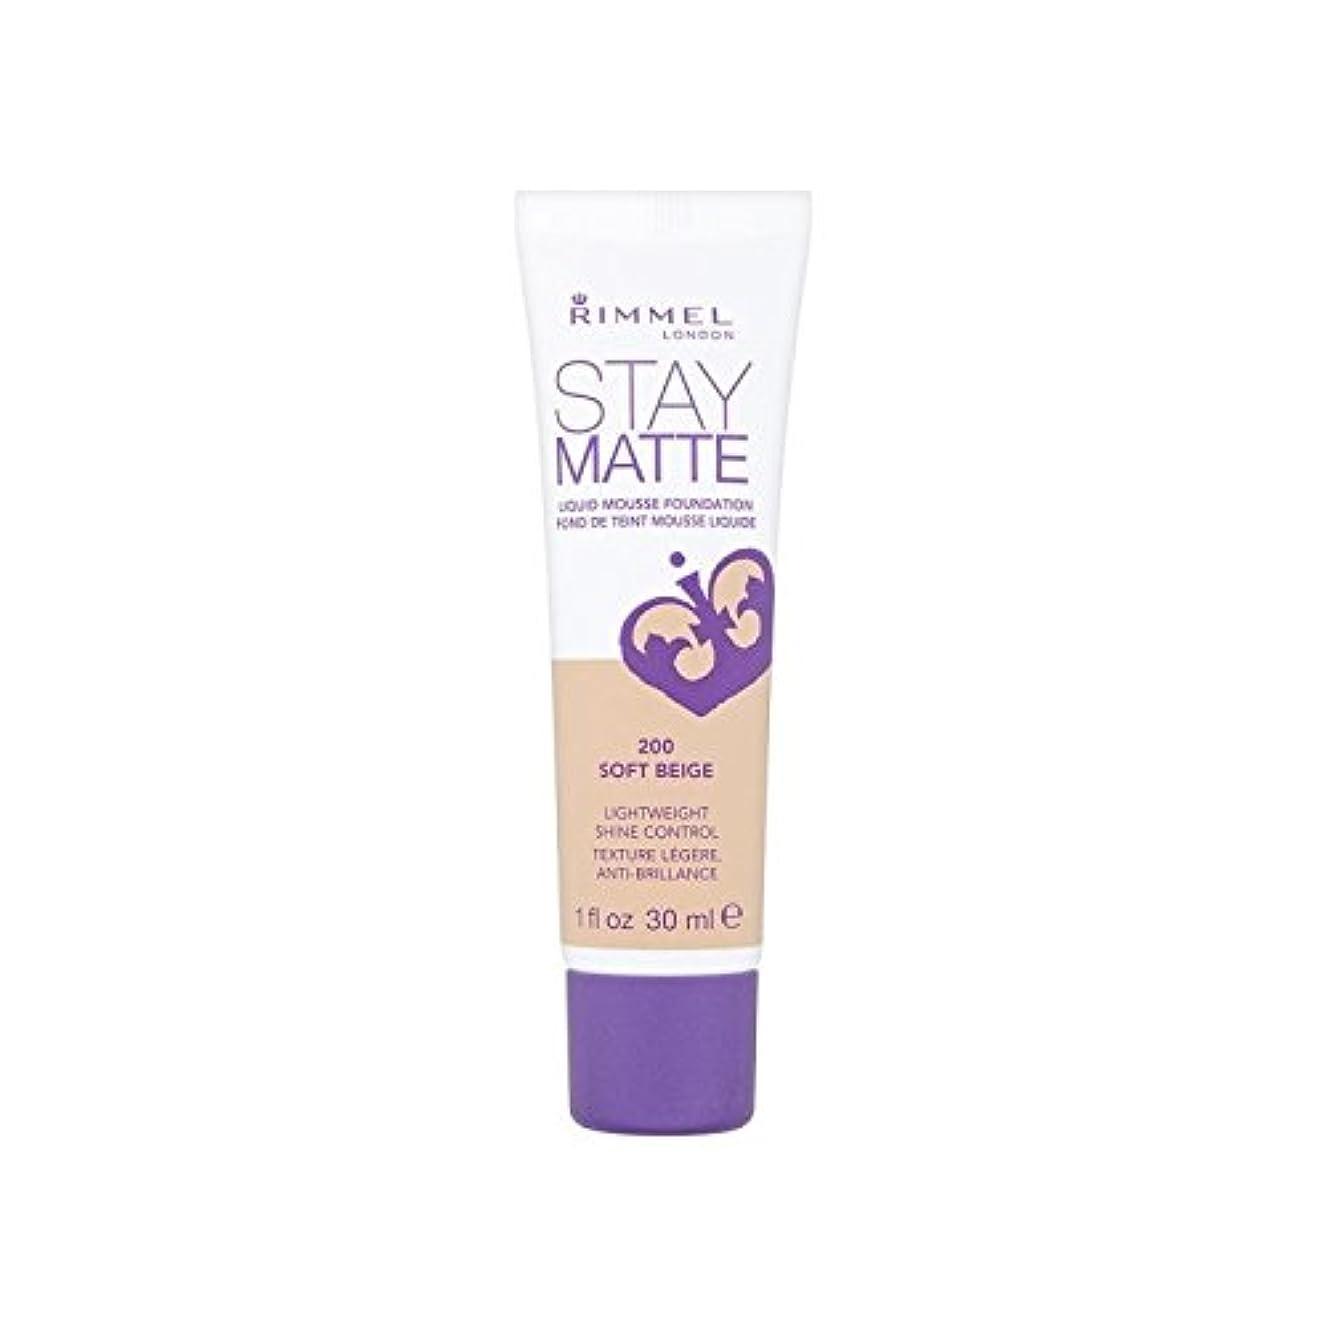 サービス価値のない朝リンメルステイマット基盤ソフトベージュ x4 - Rimmel Stay Matte Foundation Soft Beige (Pack of 4) [並行輸入品]